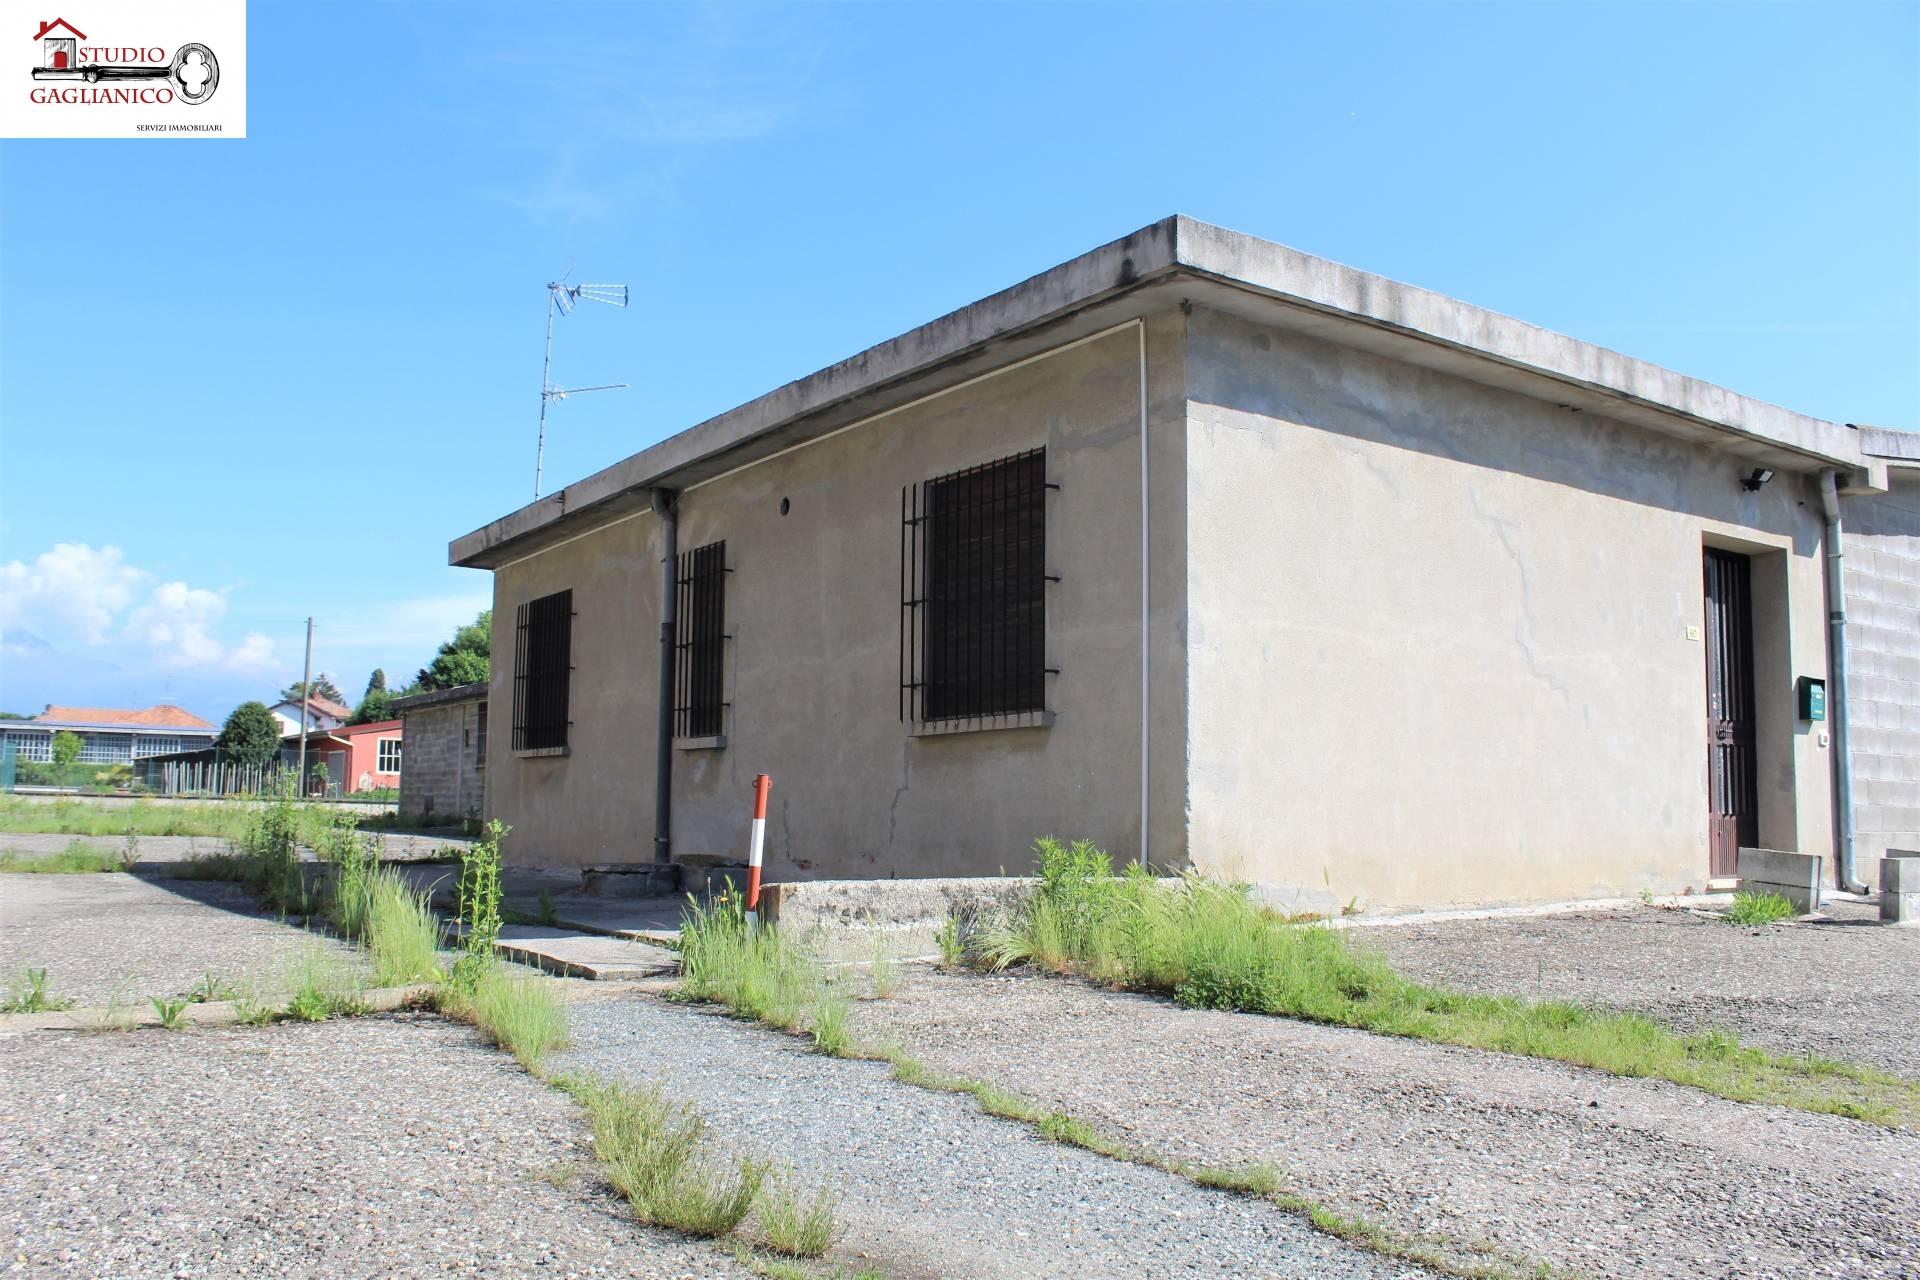 Ufficio in vendita a Cerrione (BI)